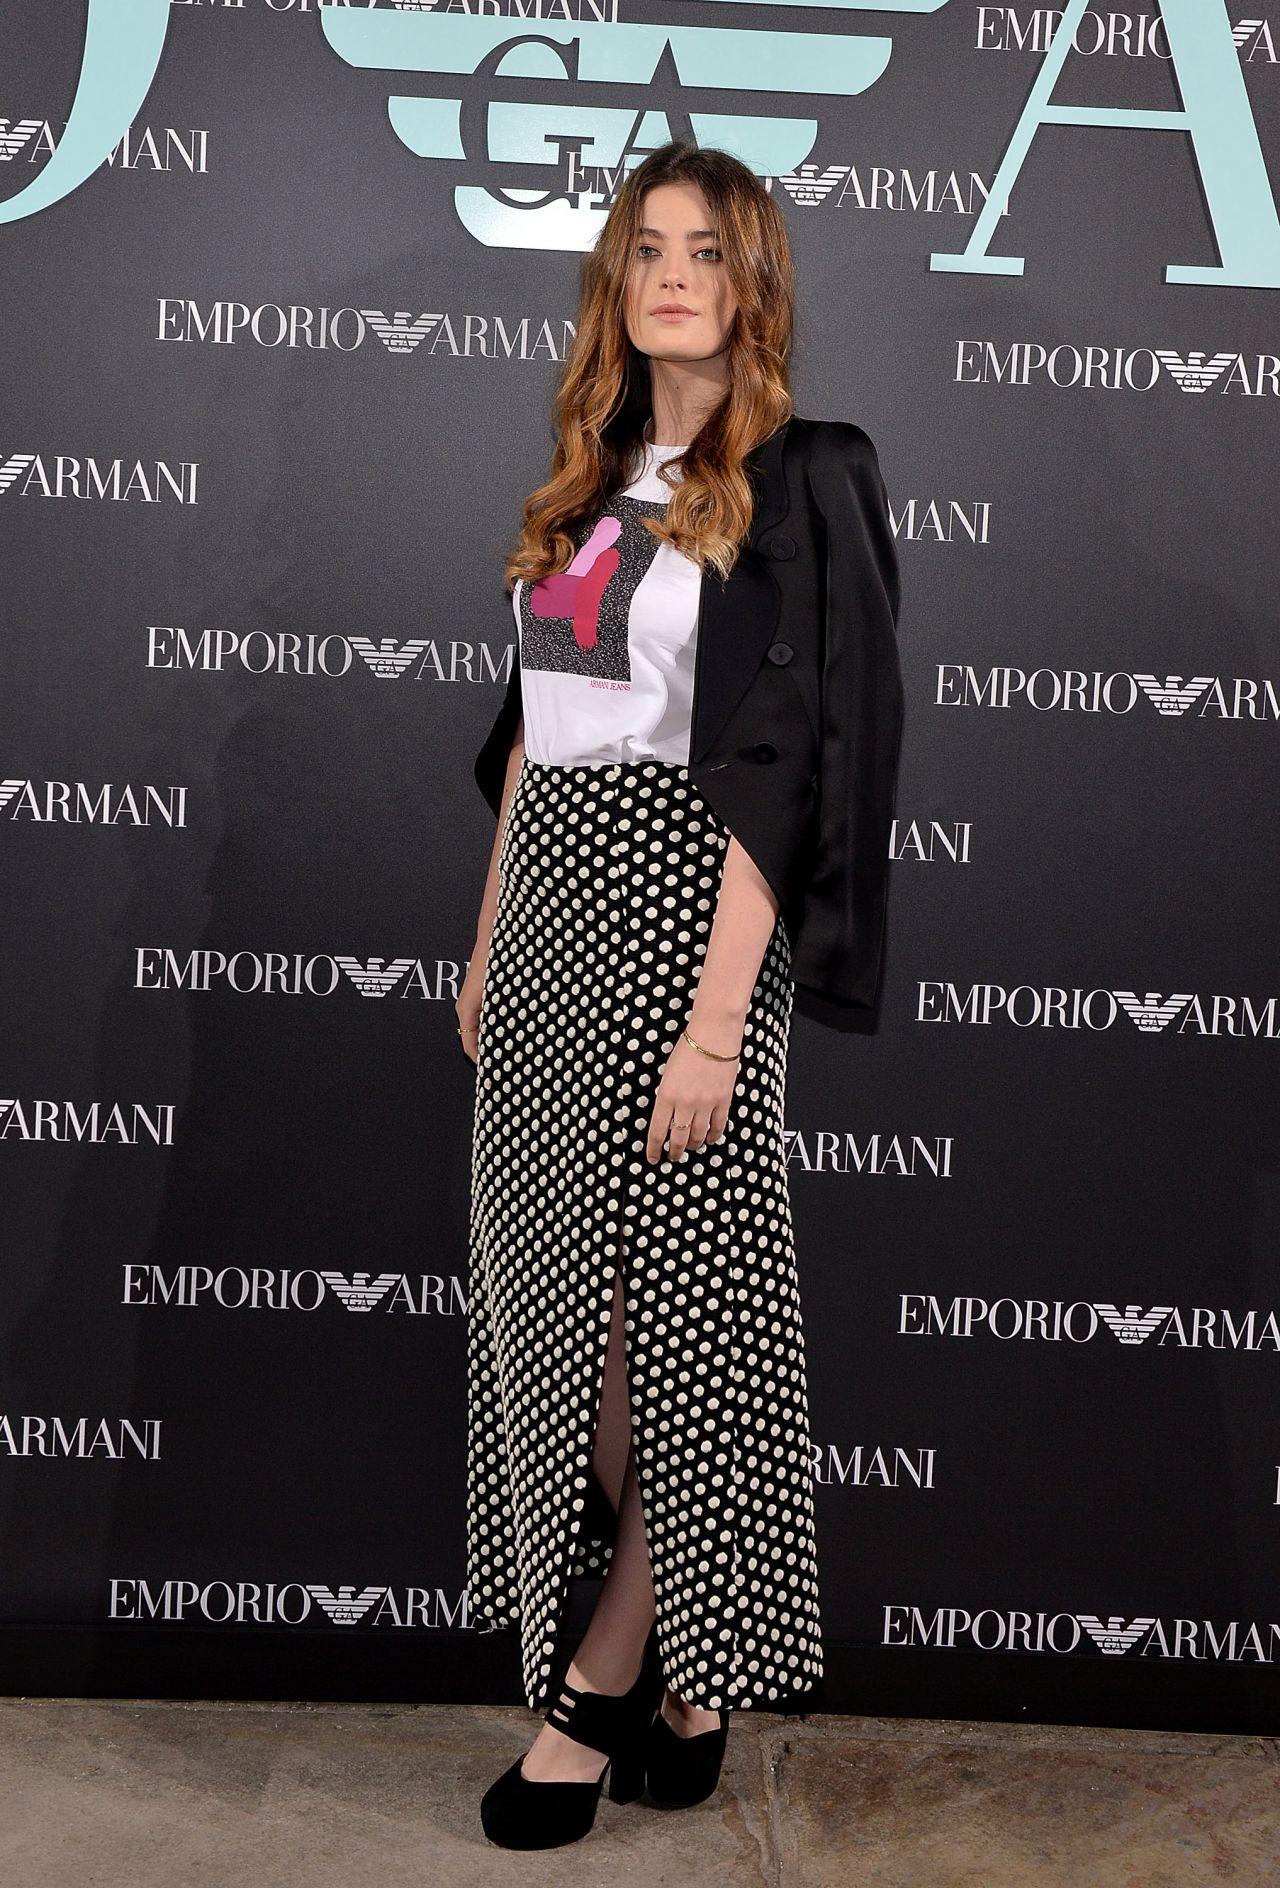 Millie Brady - Emporio Armani Show in London 09/17/2017